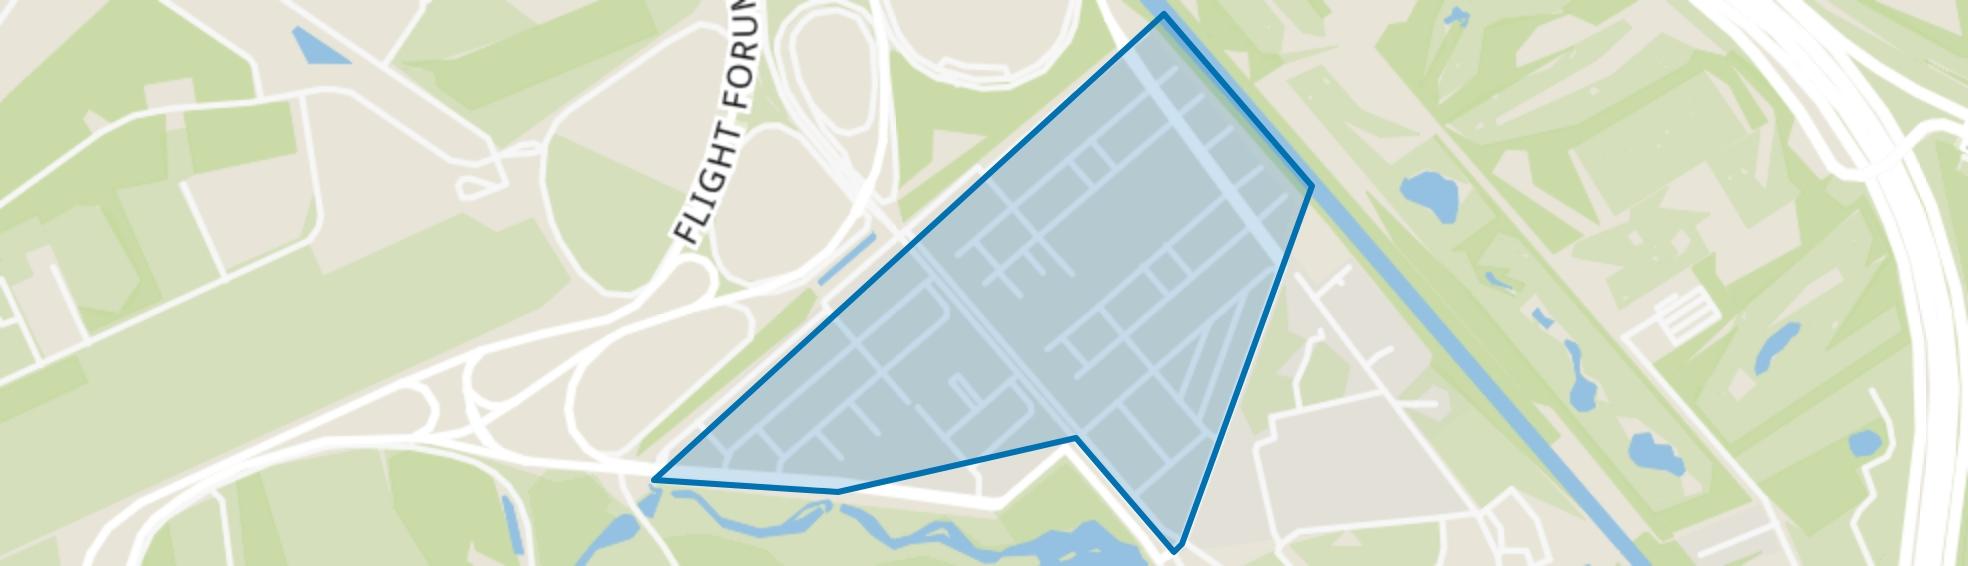 Zandrijk, Eindhoven map